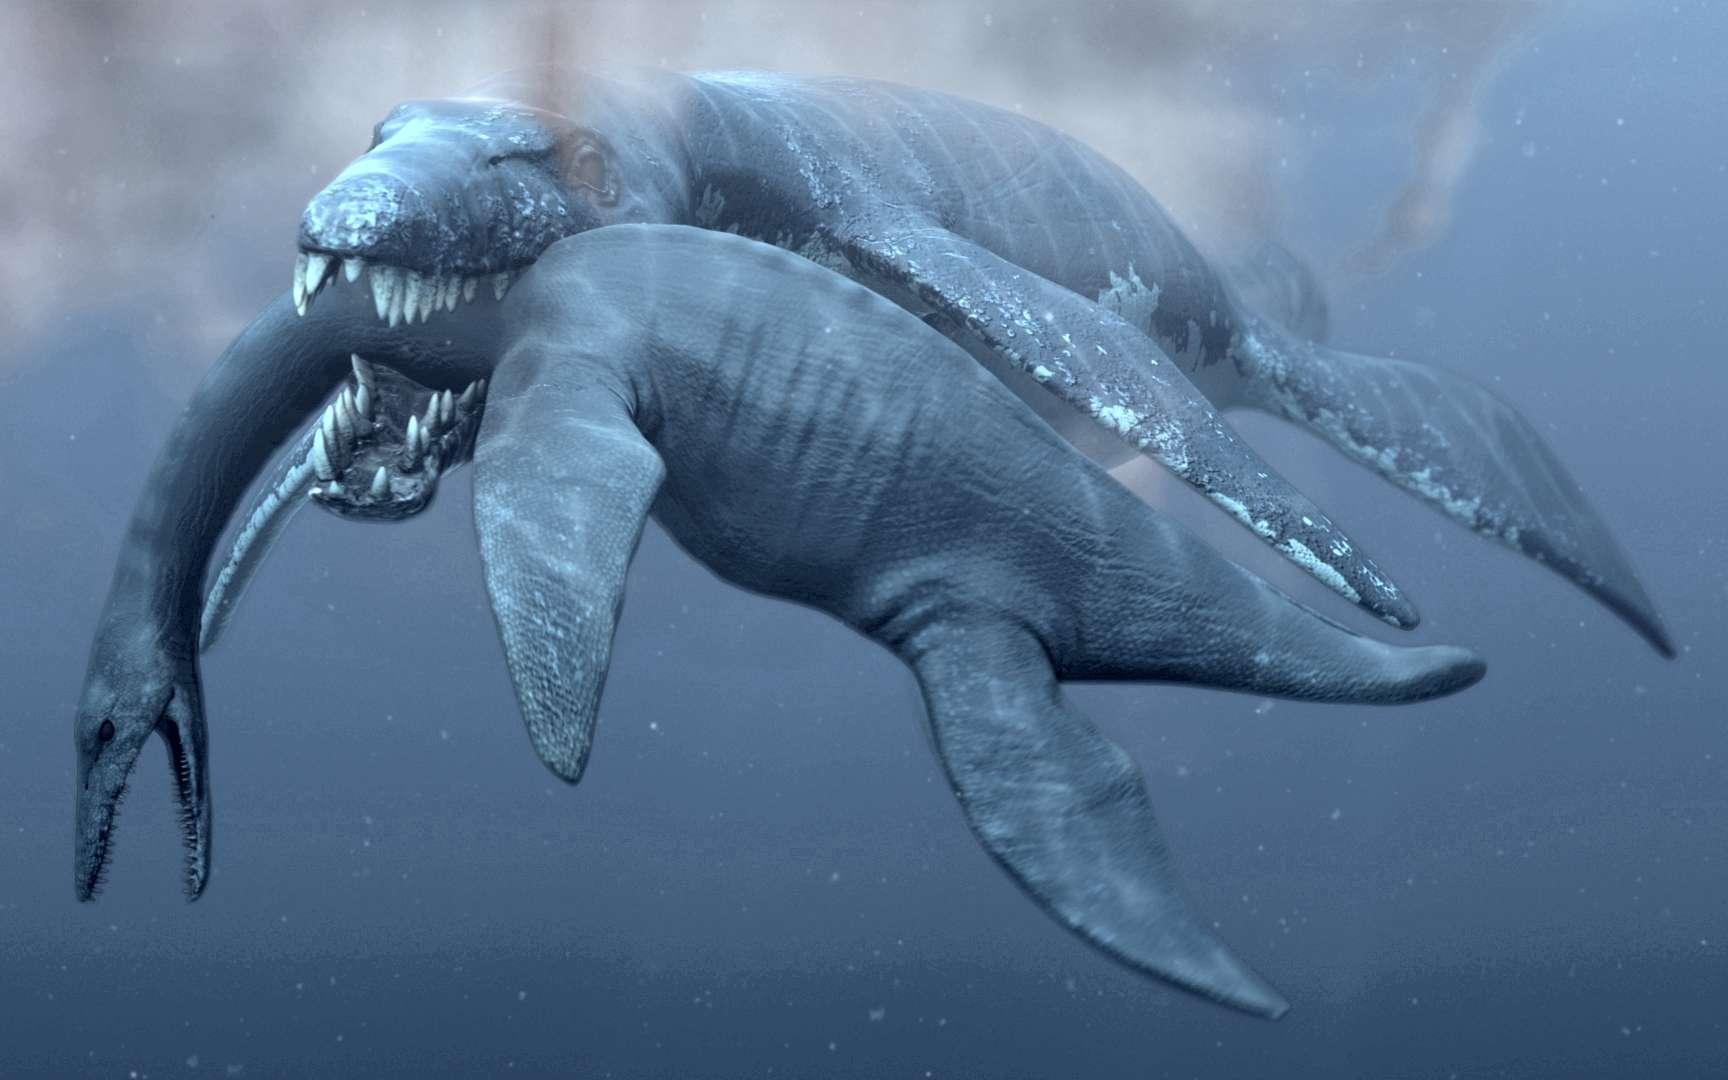 Un Predator X, alias Pliosaurus funkei, attaque un plésiosaure. Ce prédateur est un pliosaure marin du Jurassique et a sans doute disparu peu après. Mais, bien plus tard, des pliosaures plus modestes survivaient dans les eaux douces. © Natural History Museum, University of Oslo